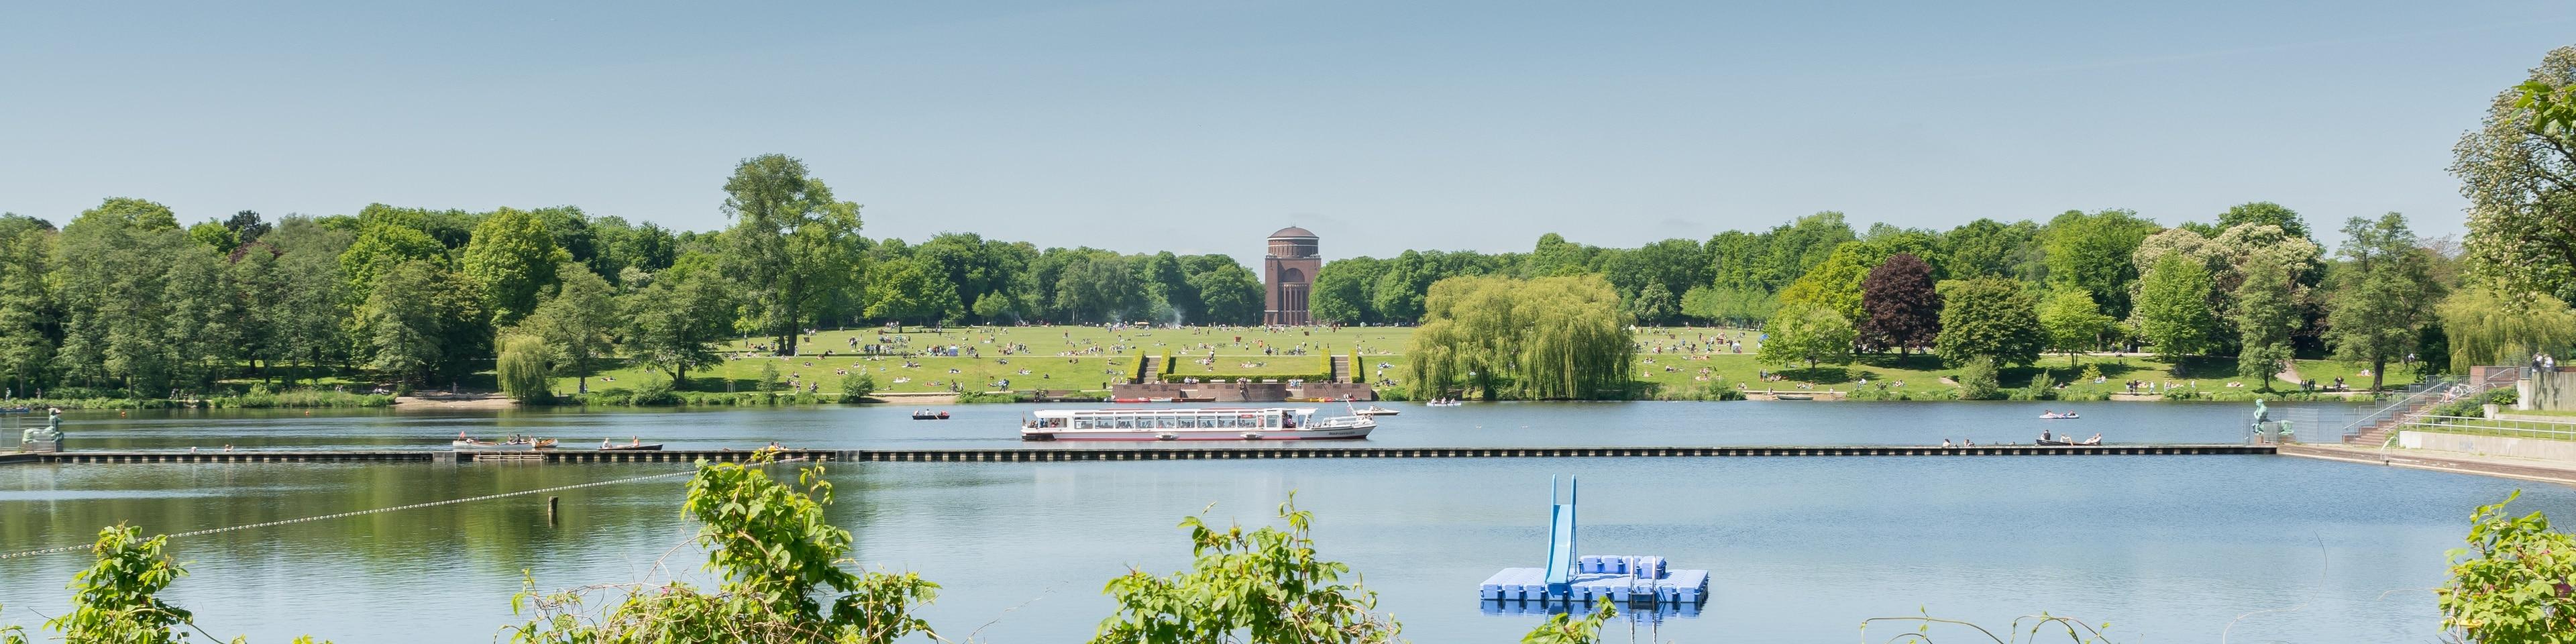 Barmbek, Hamburg, Germany